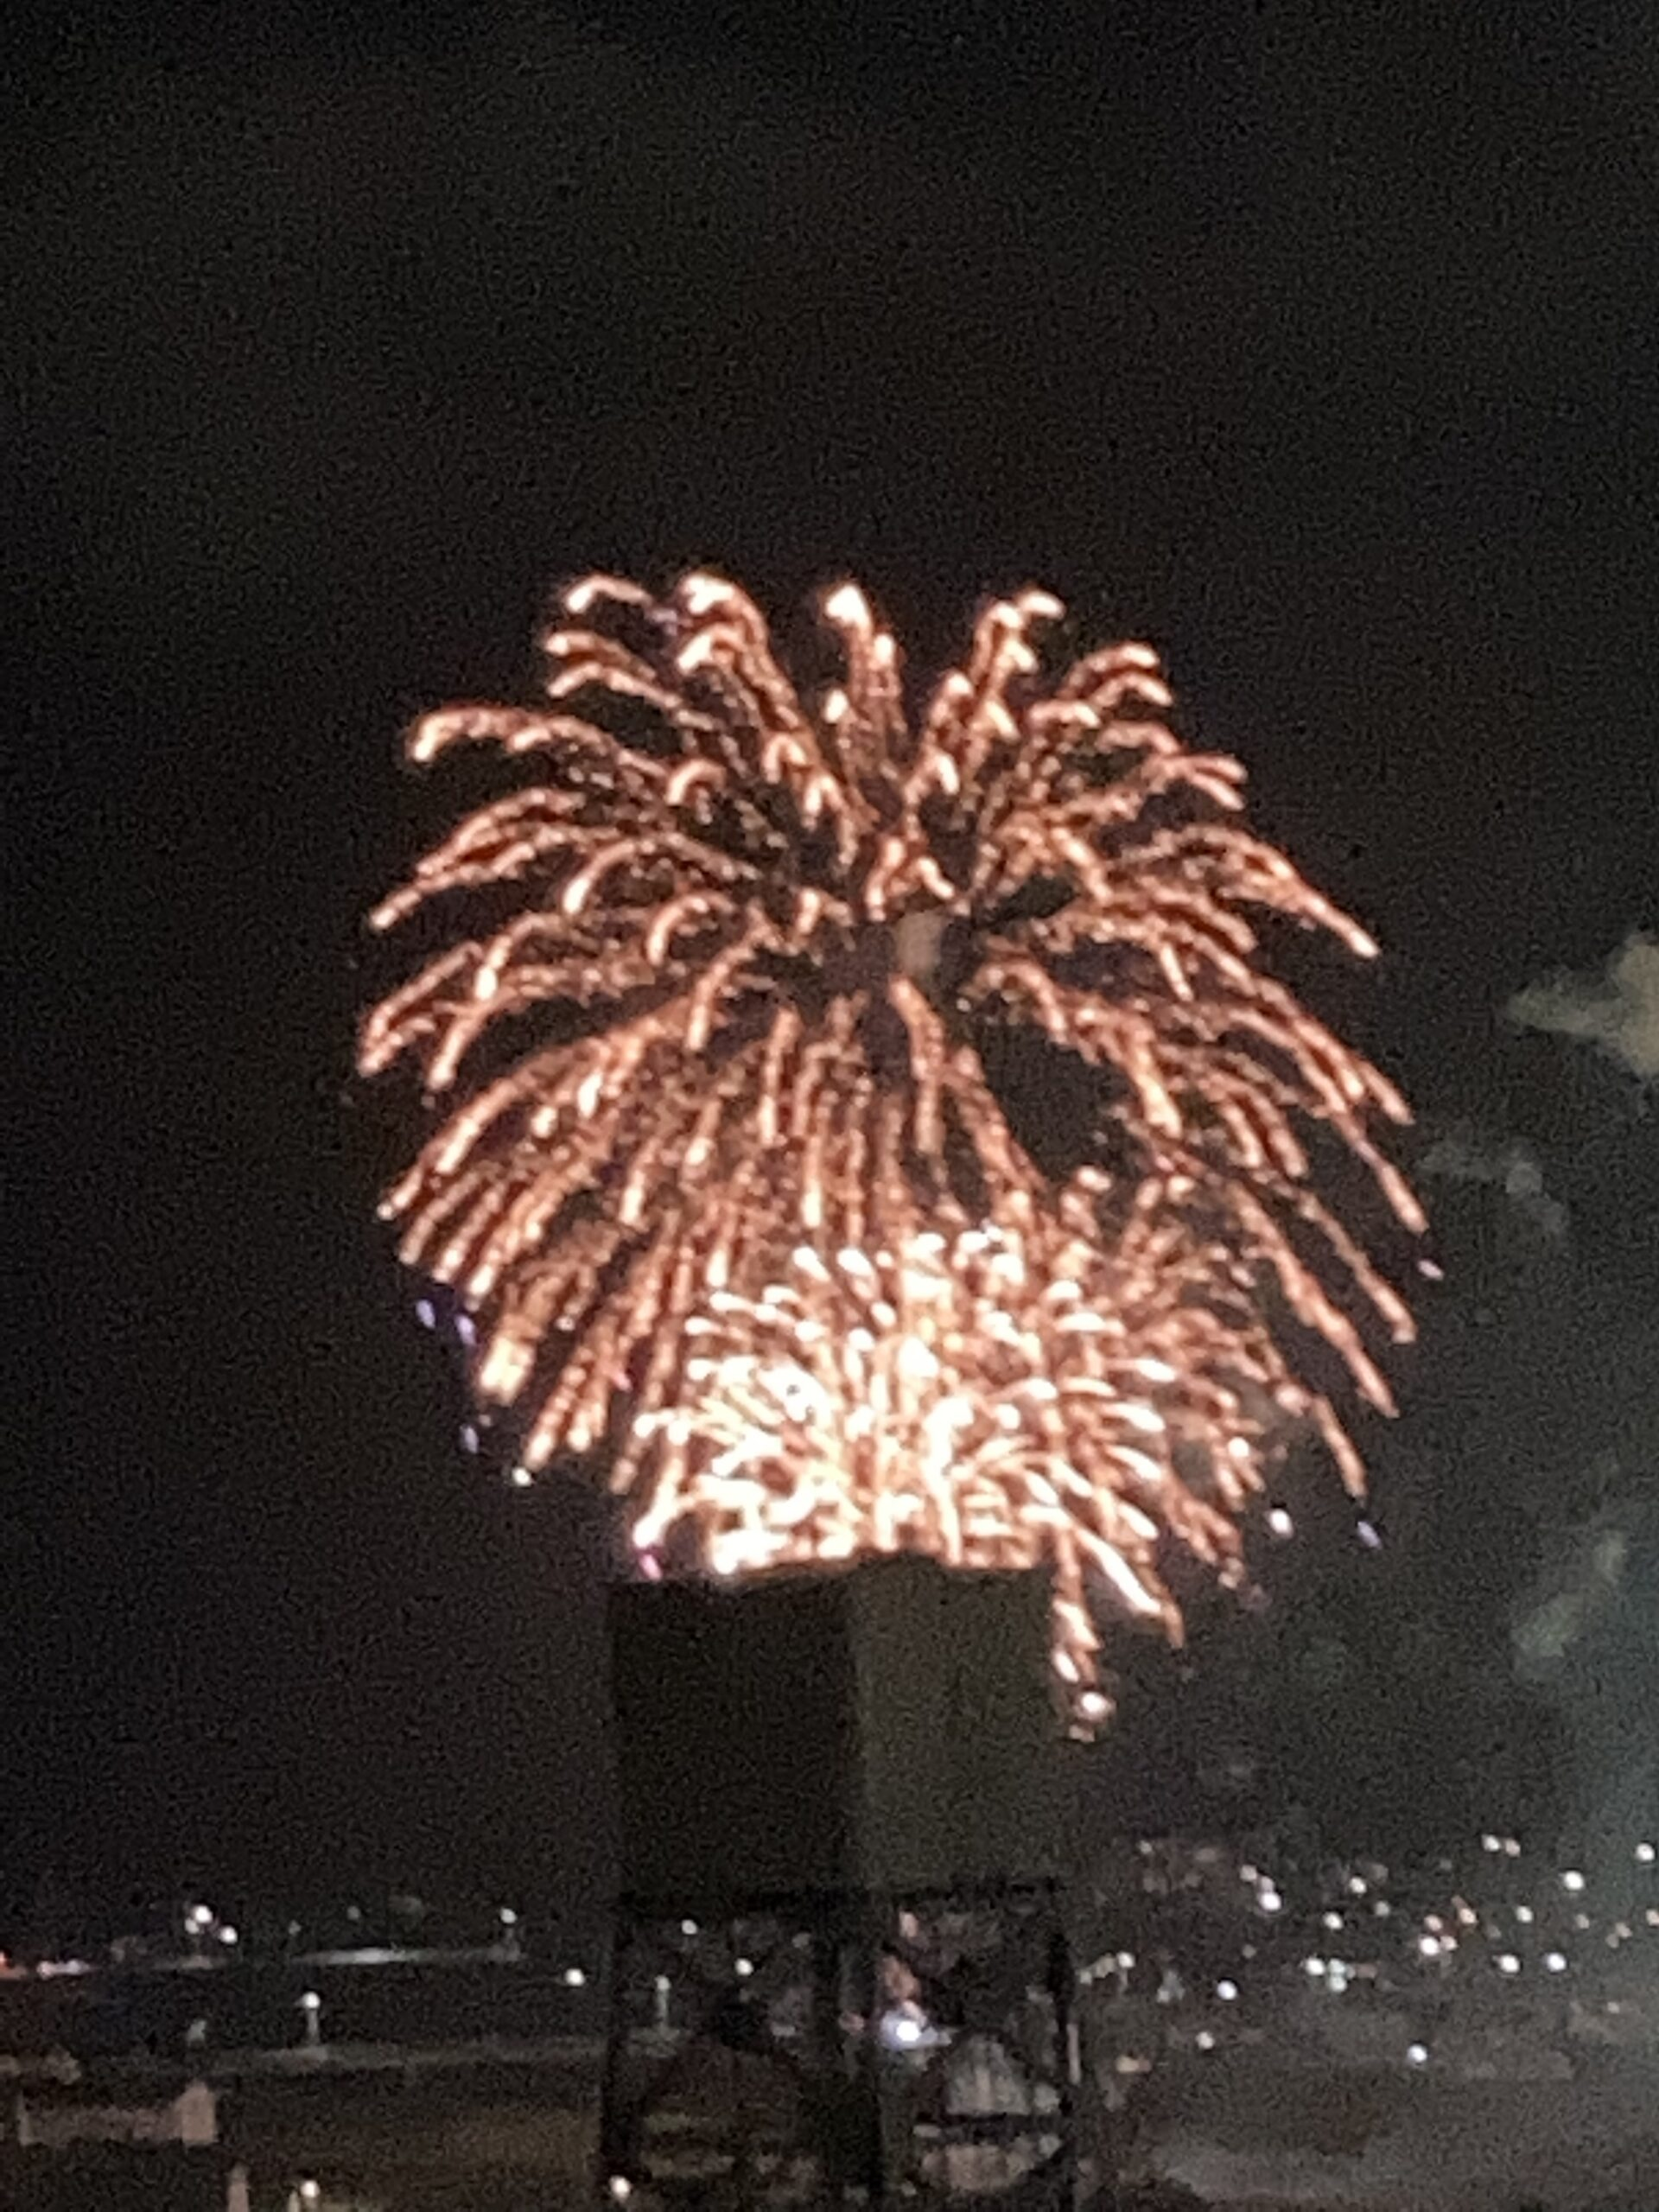 サプライズ打ち上げ花火 | クリスタルビューティー 広島 天然100%ヘナ 美と健康のエステ